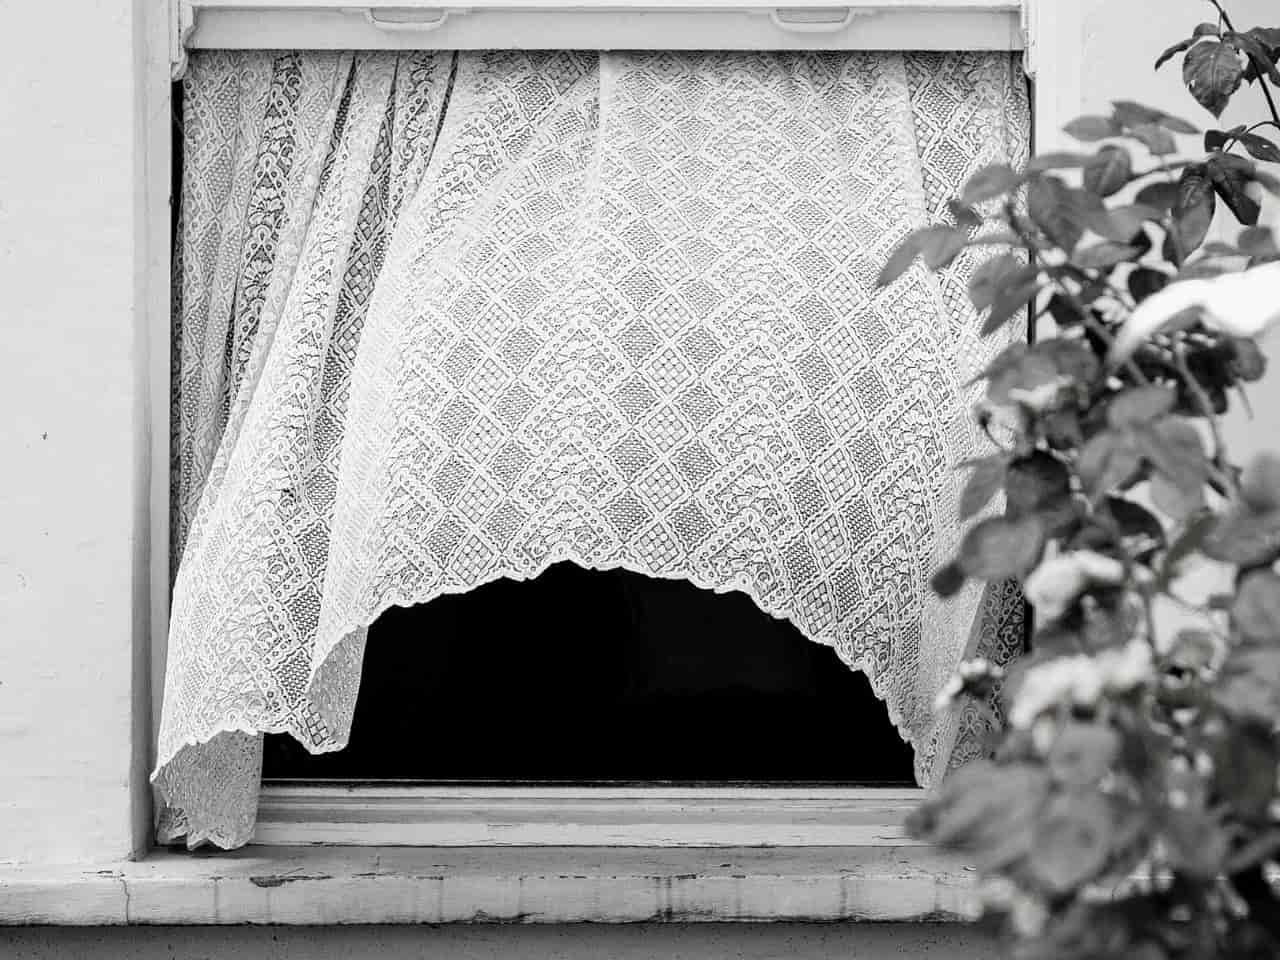 開けっ放しの窓